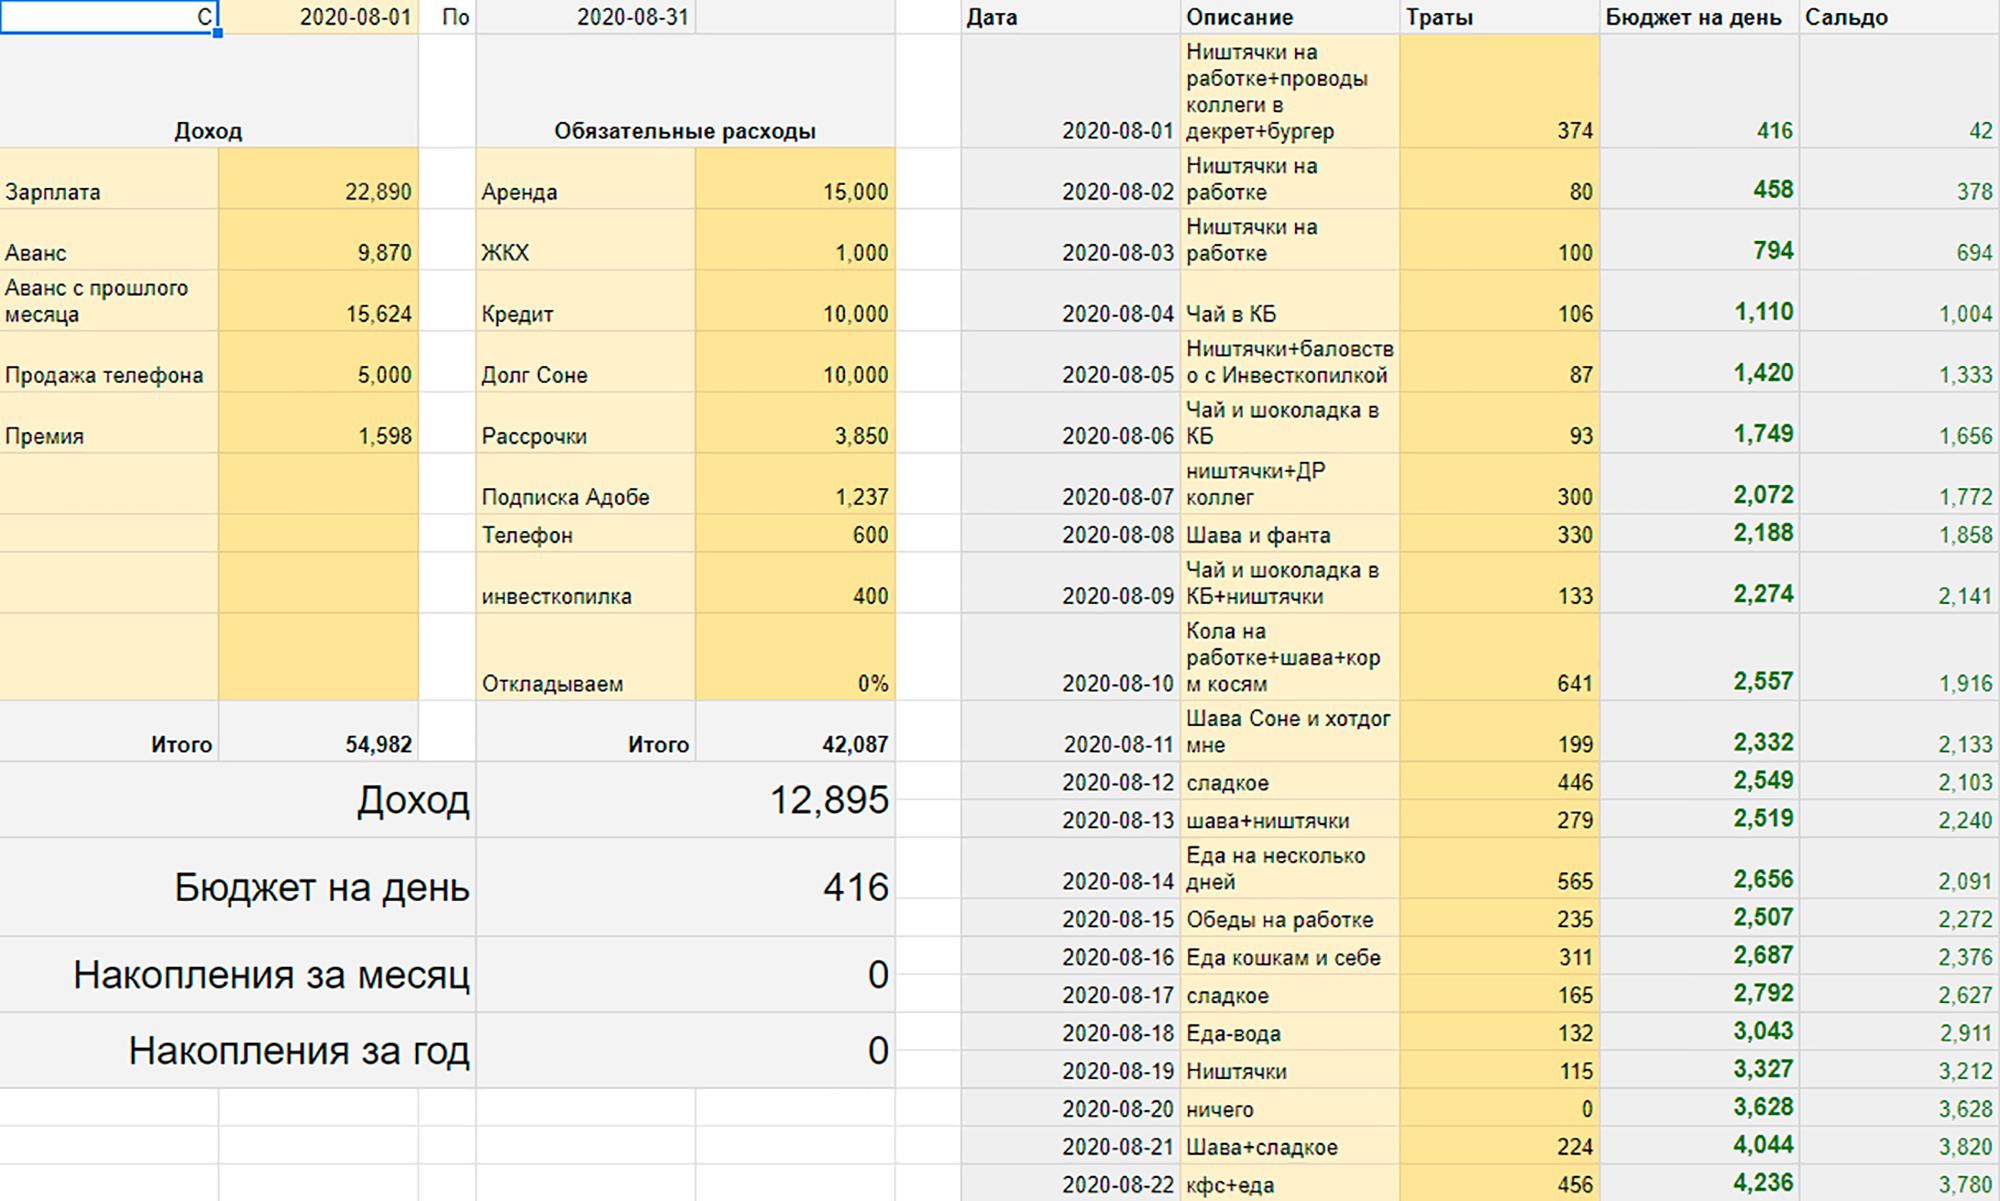 Примерно так выглядел бюджет на август. Получилось, что на день было в районе 300—400<span class=ruble>Р</span>, а не 100<span class=ruble>Р</span>, как я писал раньше. В основном это мелкие расходы. Но я часто старался тратить меньше, это позволяло позднее расщедриваться на роллы, пиццу, книжку и прочее